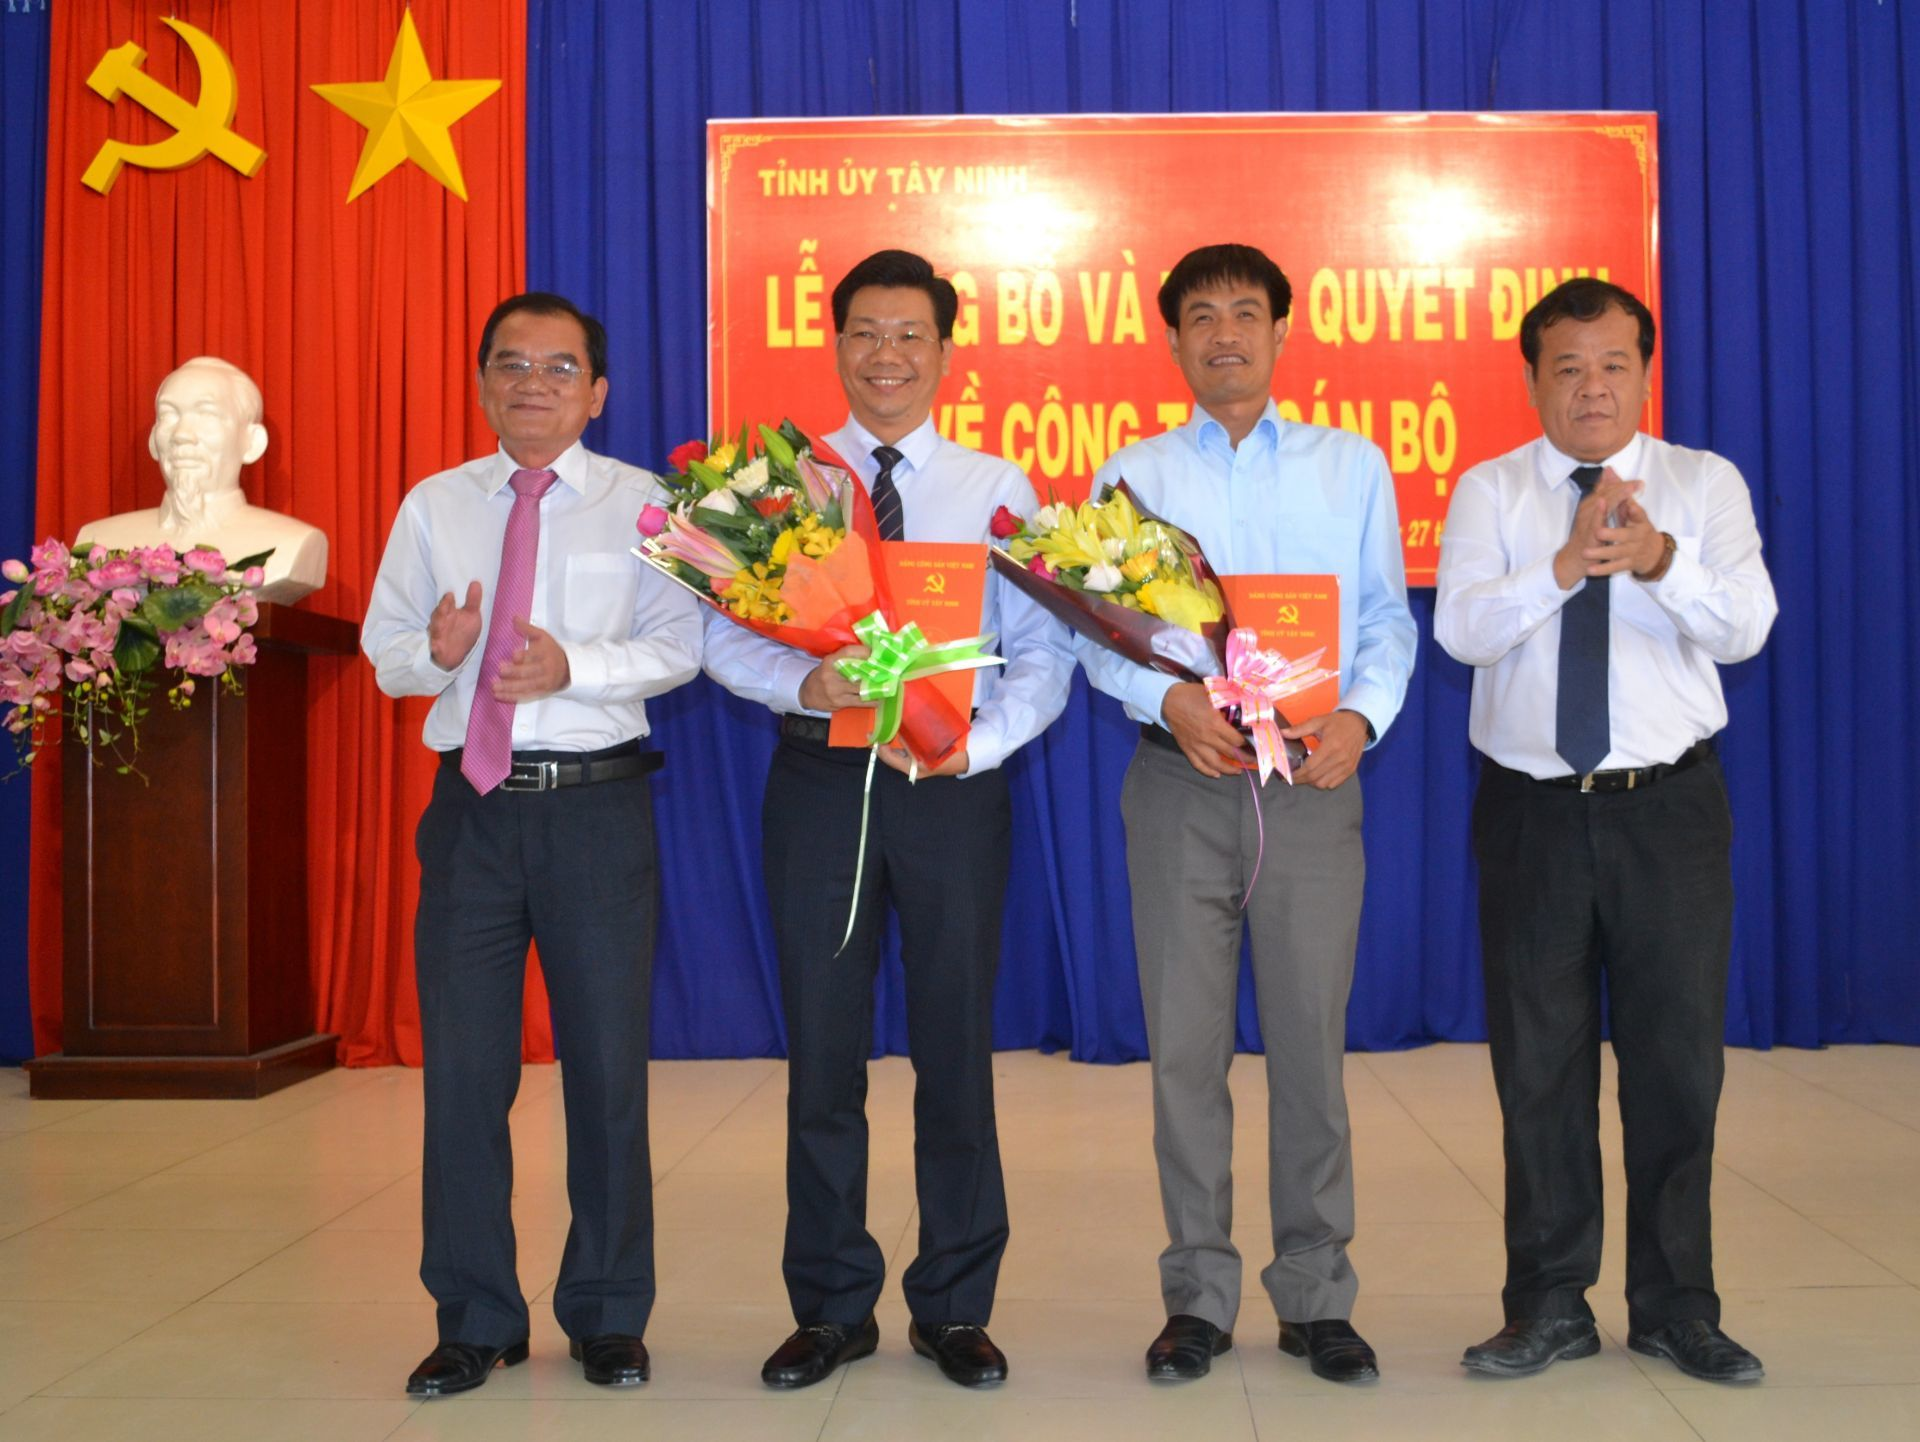 5 địa phương điều động, bổ nhiệm nhân sự